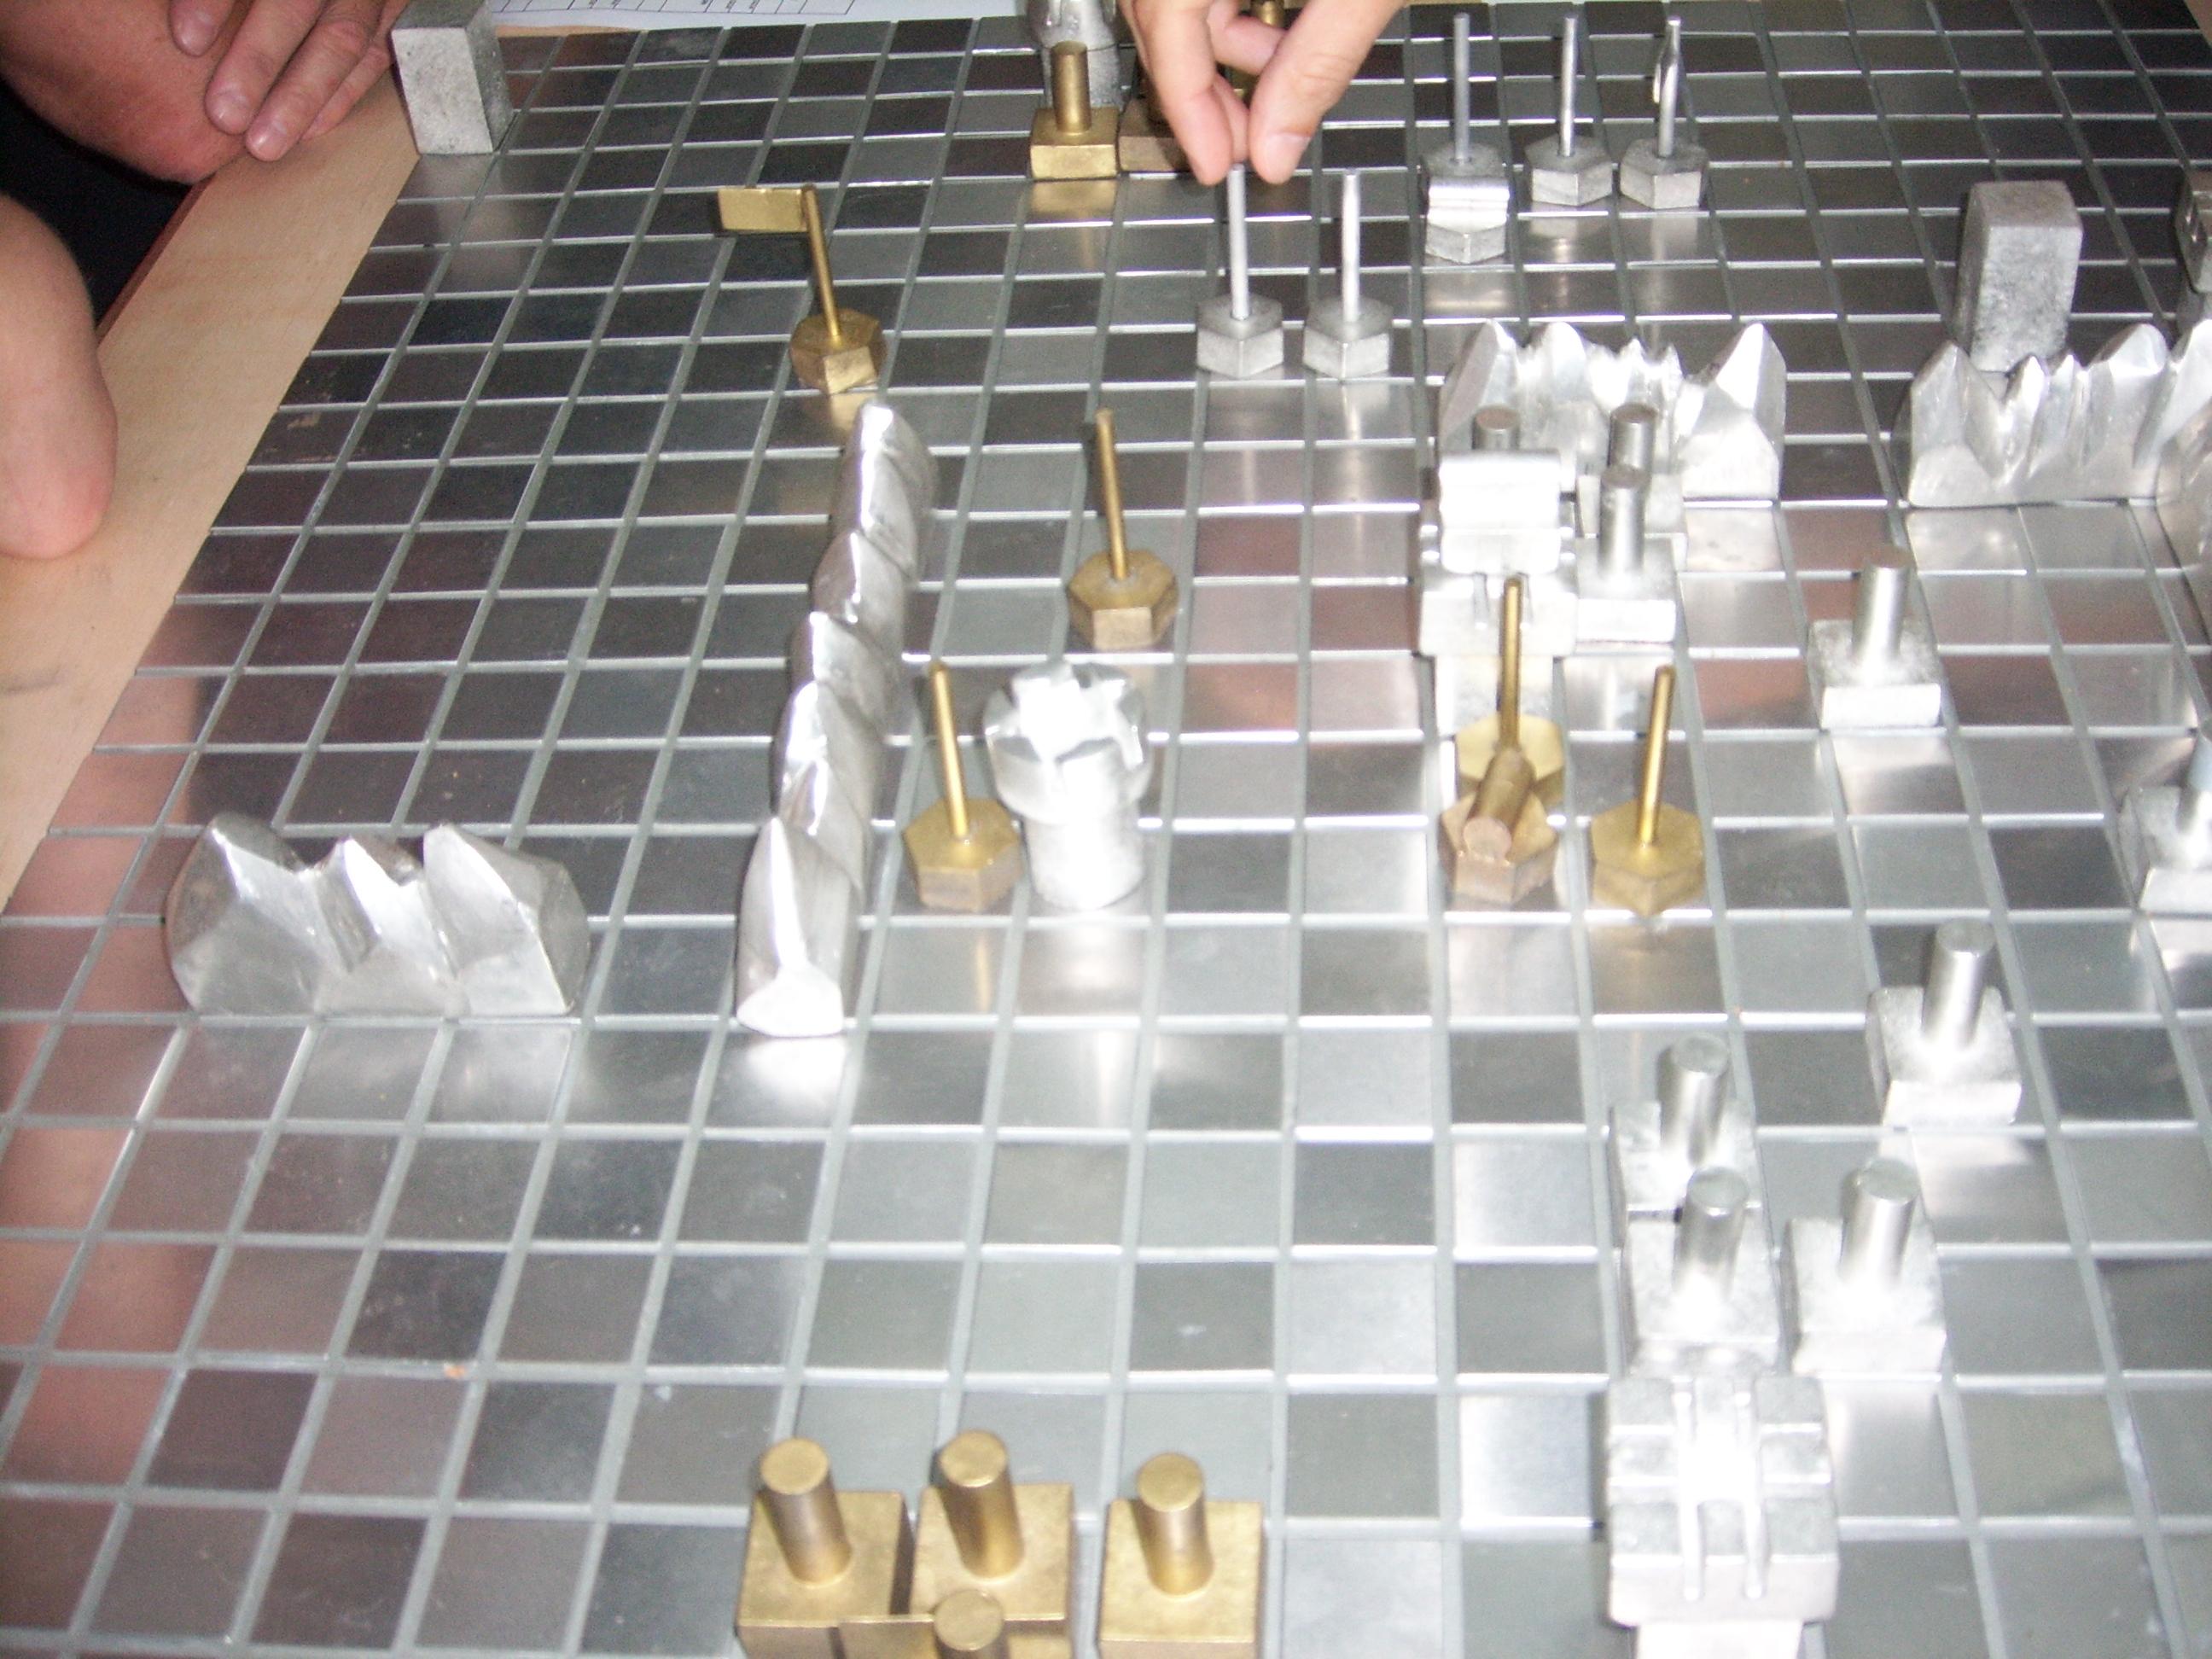 north_opens_attack